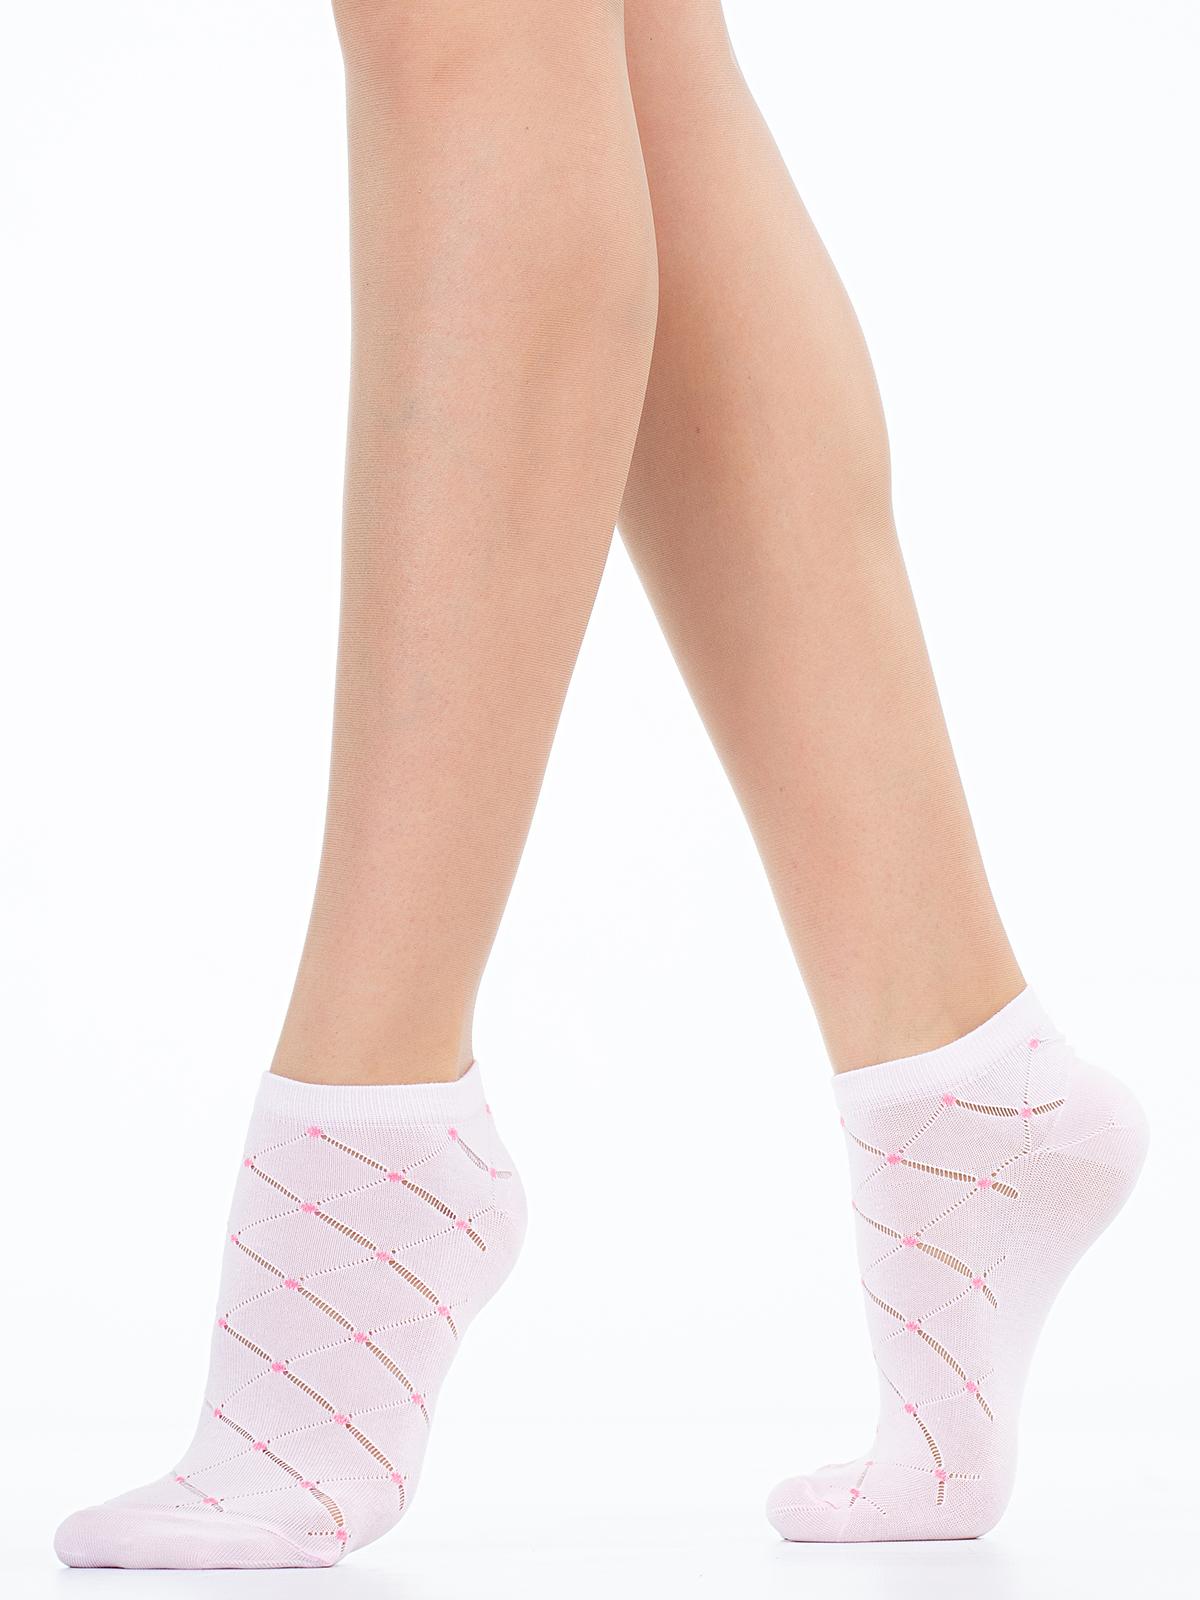 Носки женские Giulia бежевые 36-38